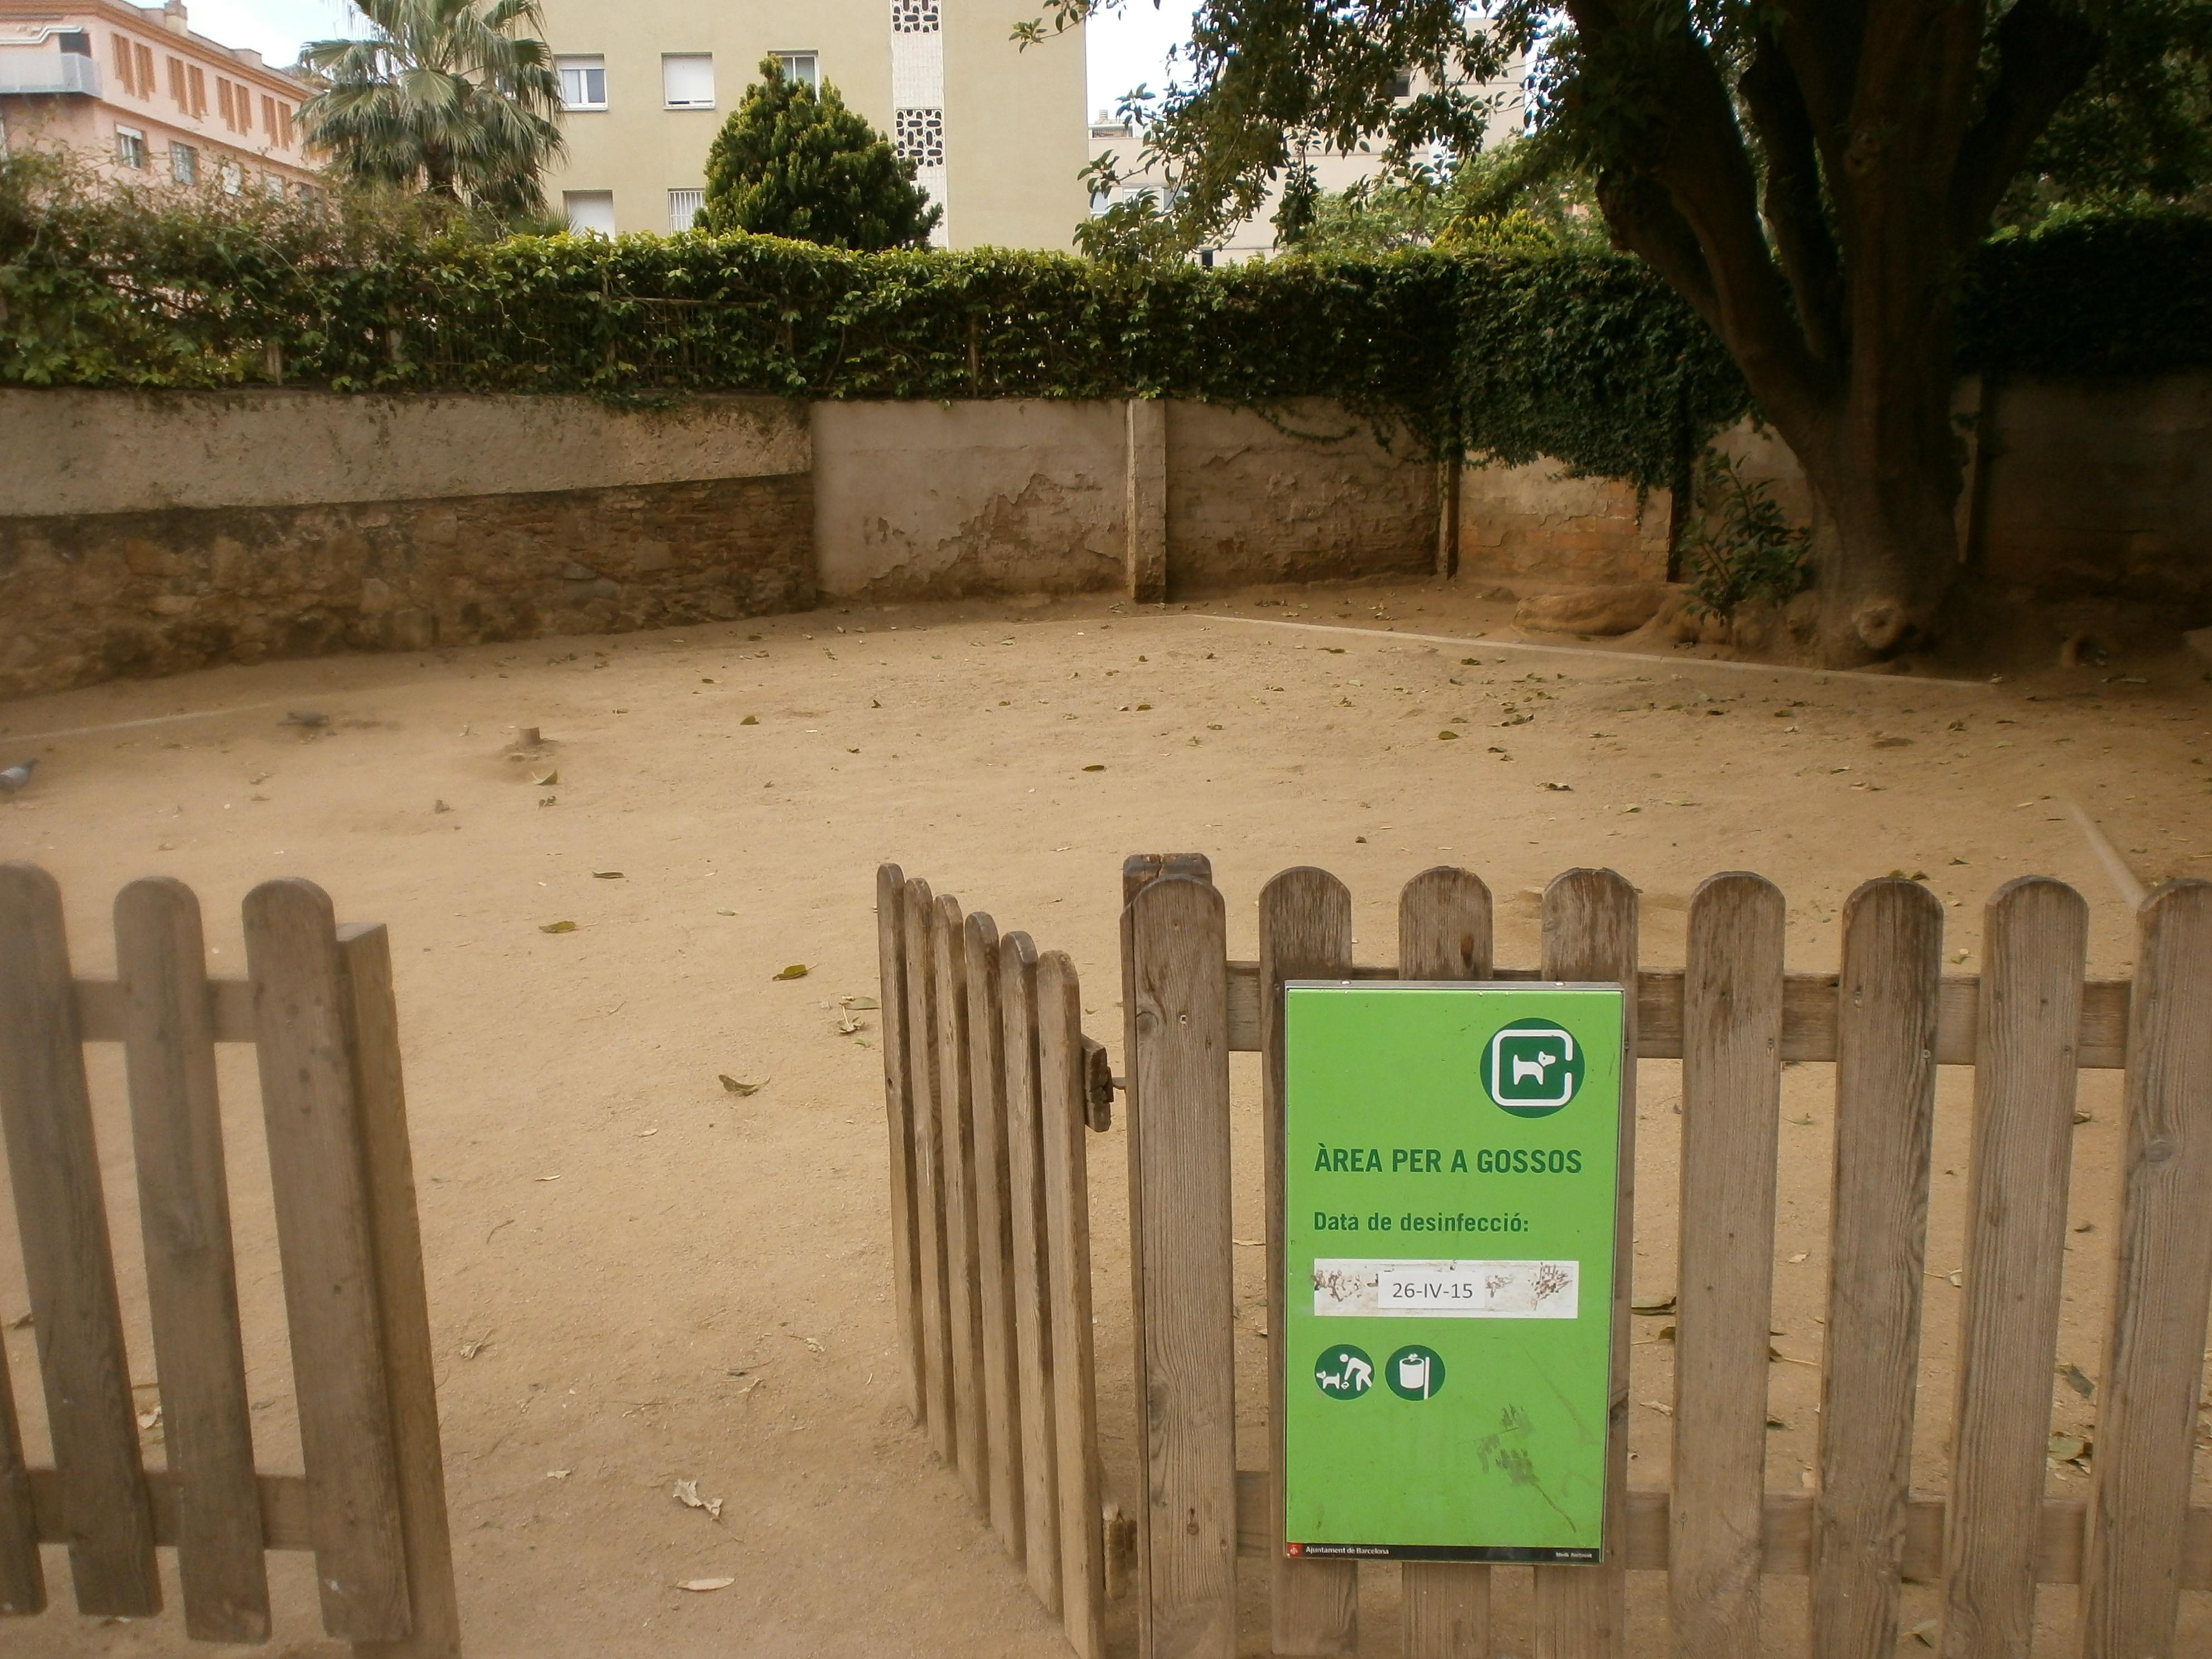 pipican-perro-barcelona-Plaza-Marti-Llaurador